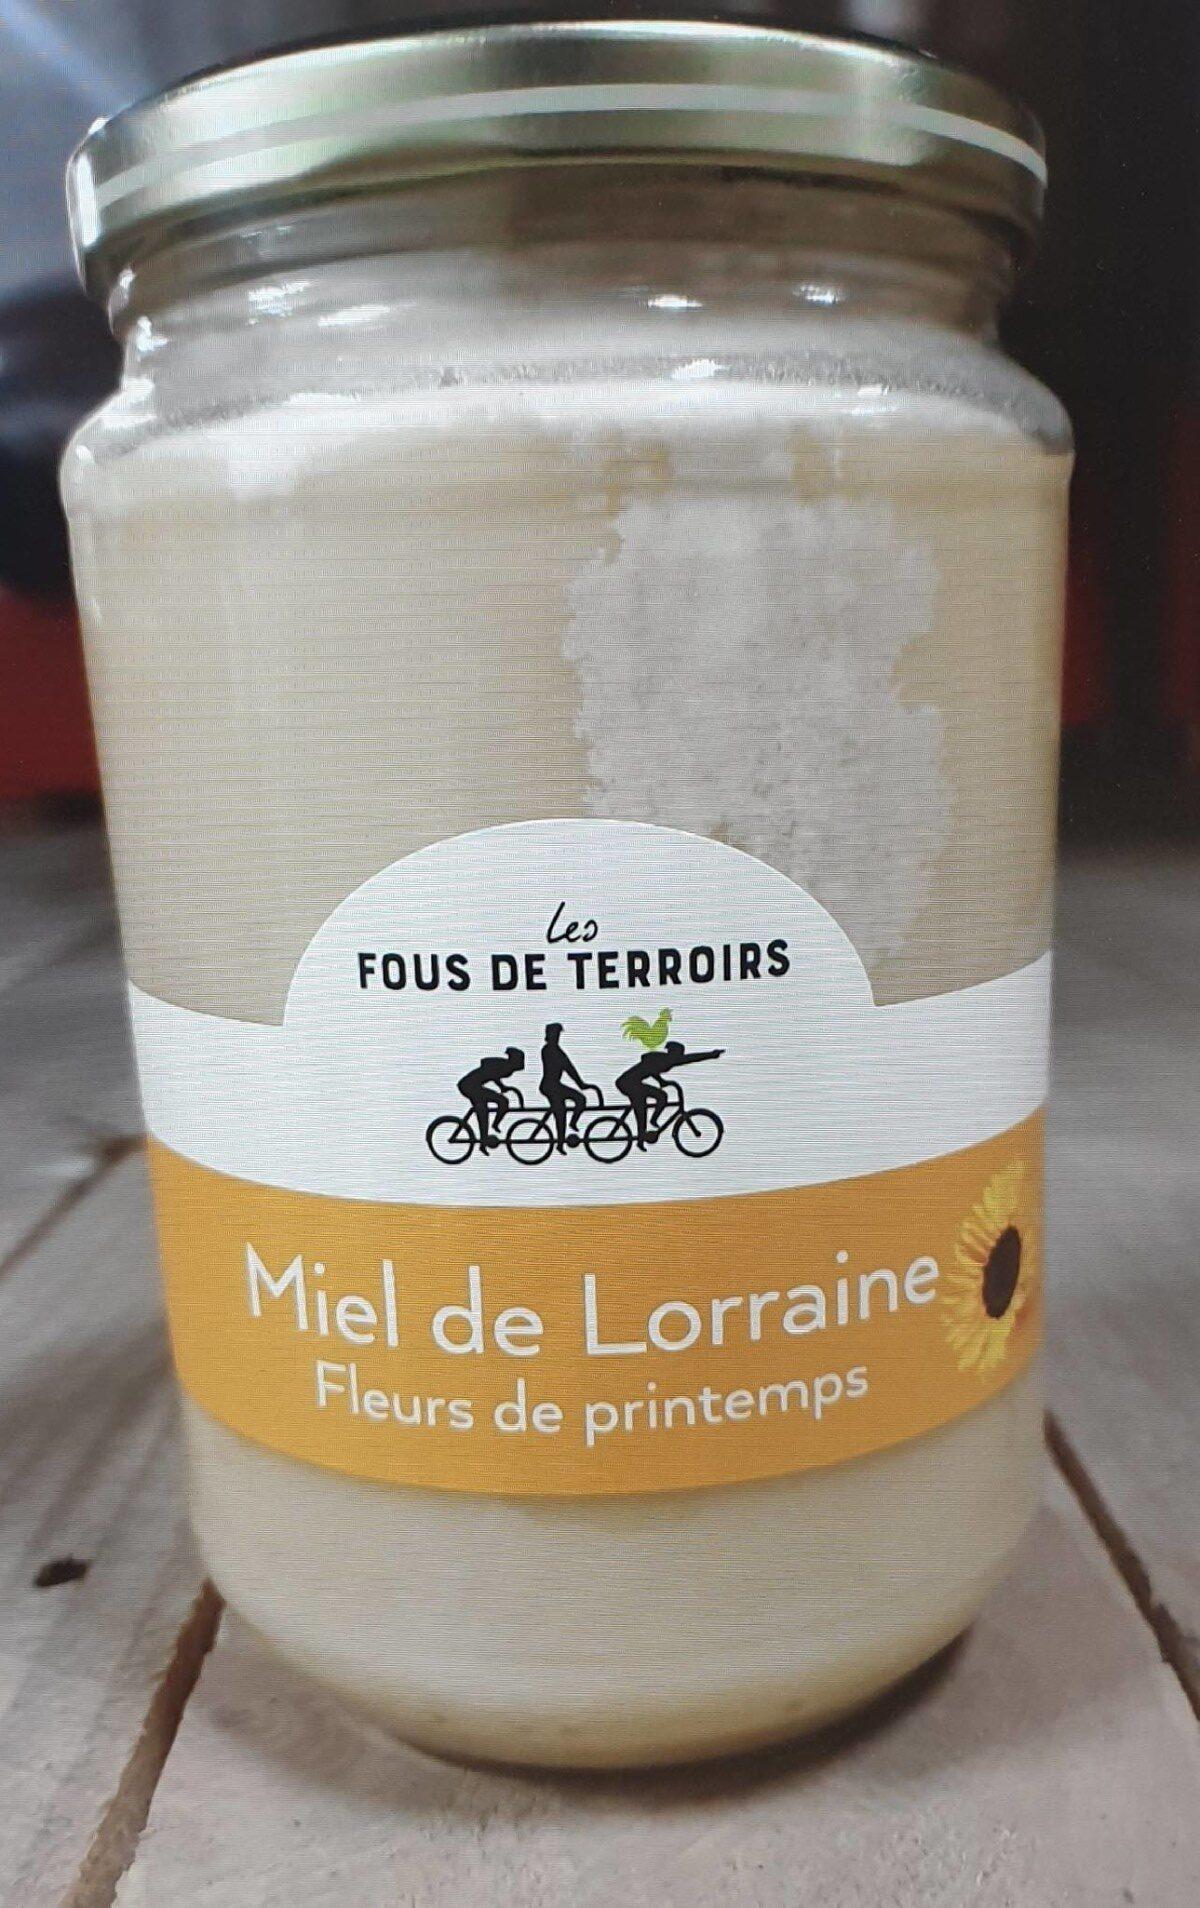 Miel de Lorraine fleurs de printemps - Product